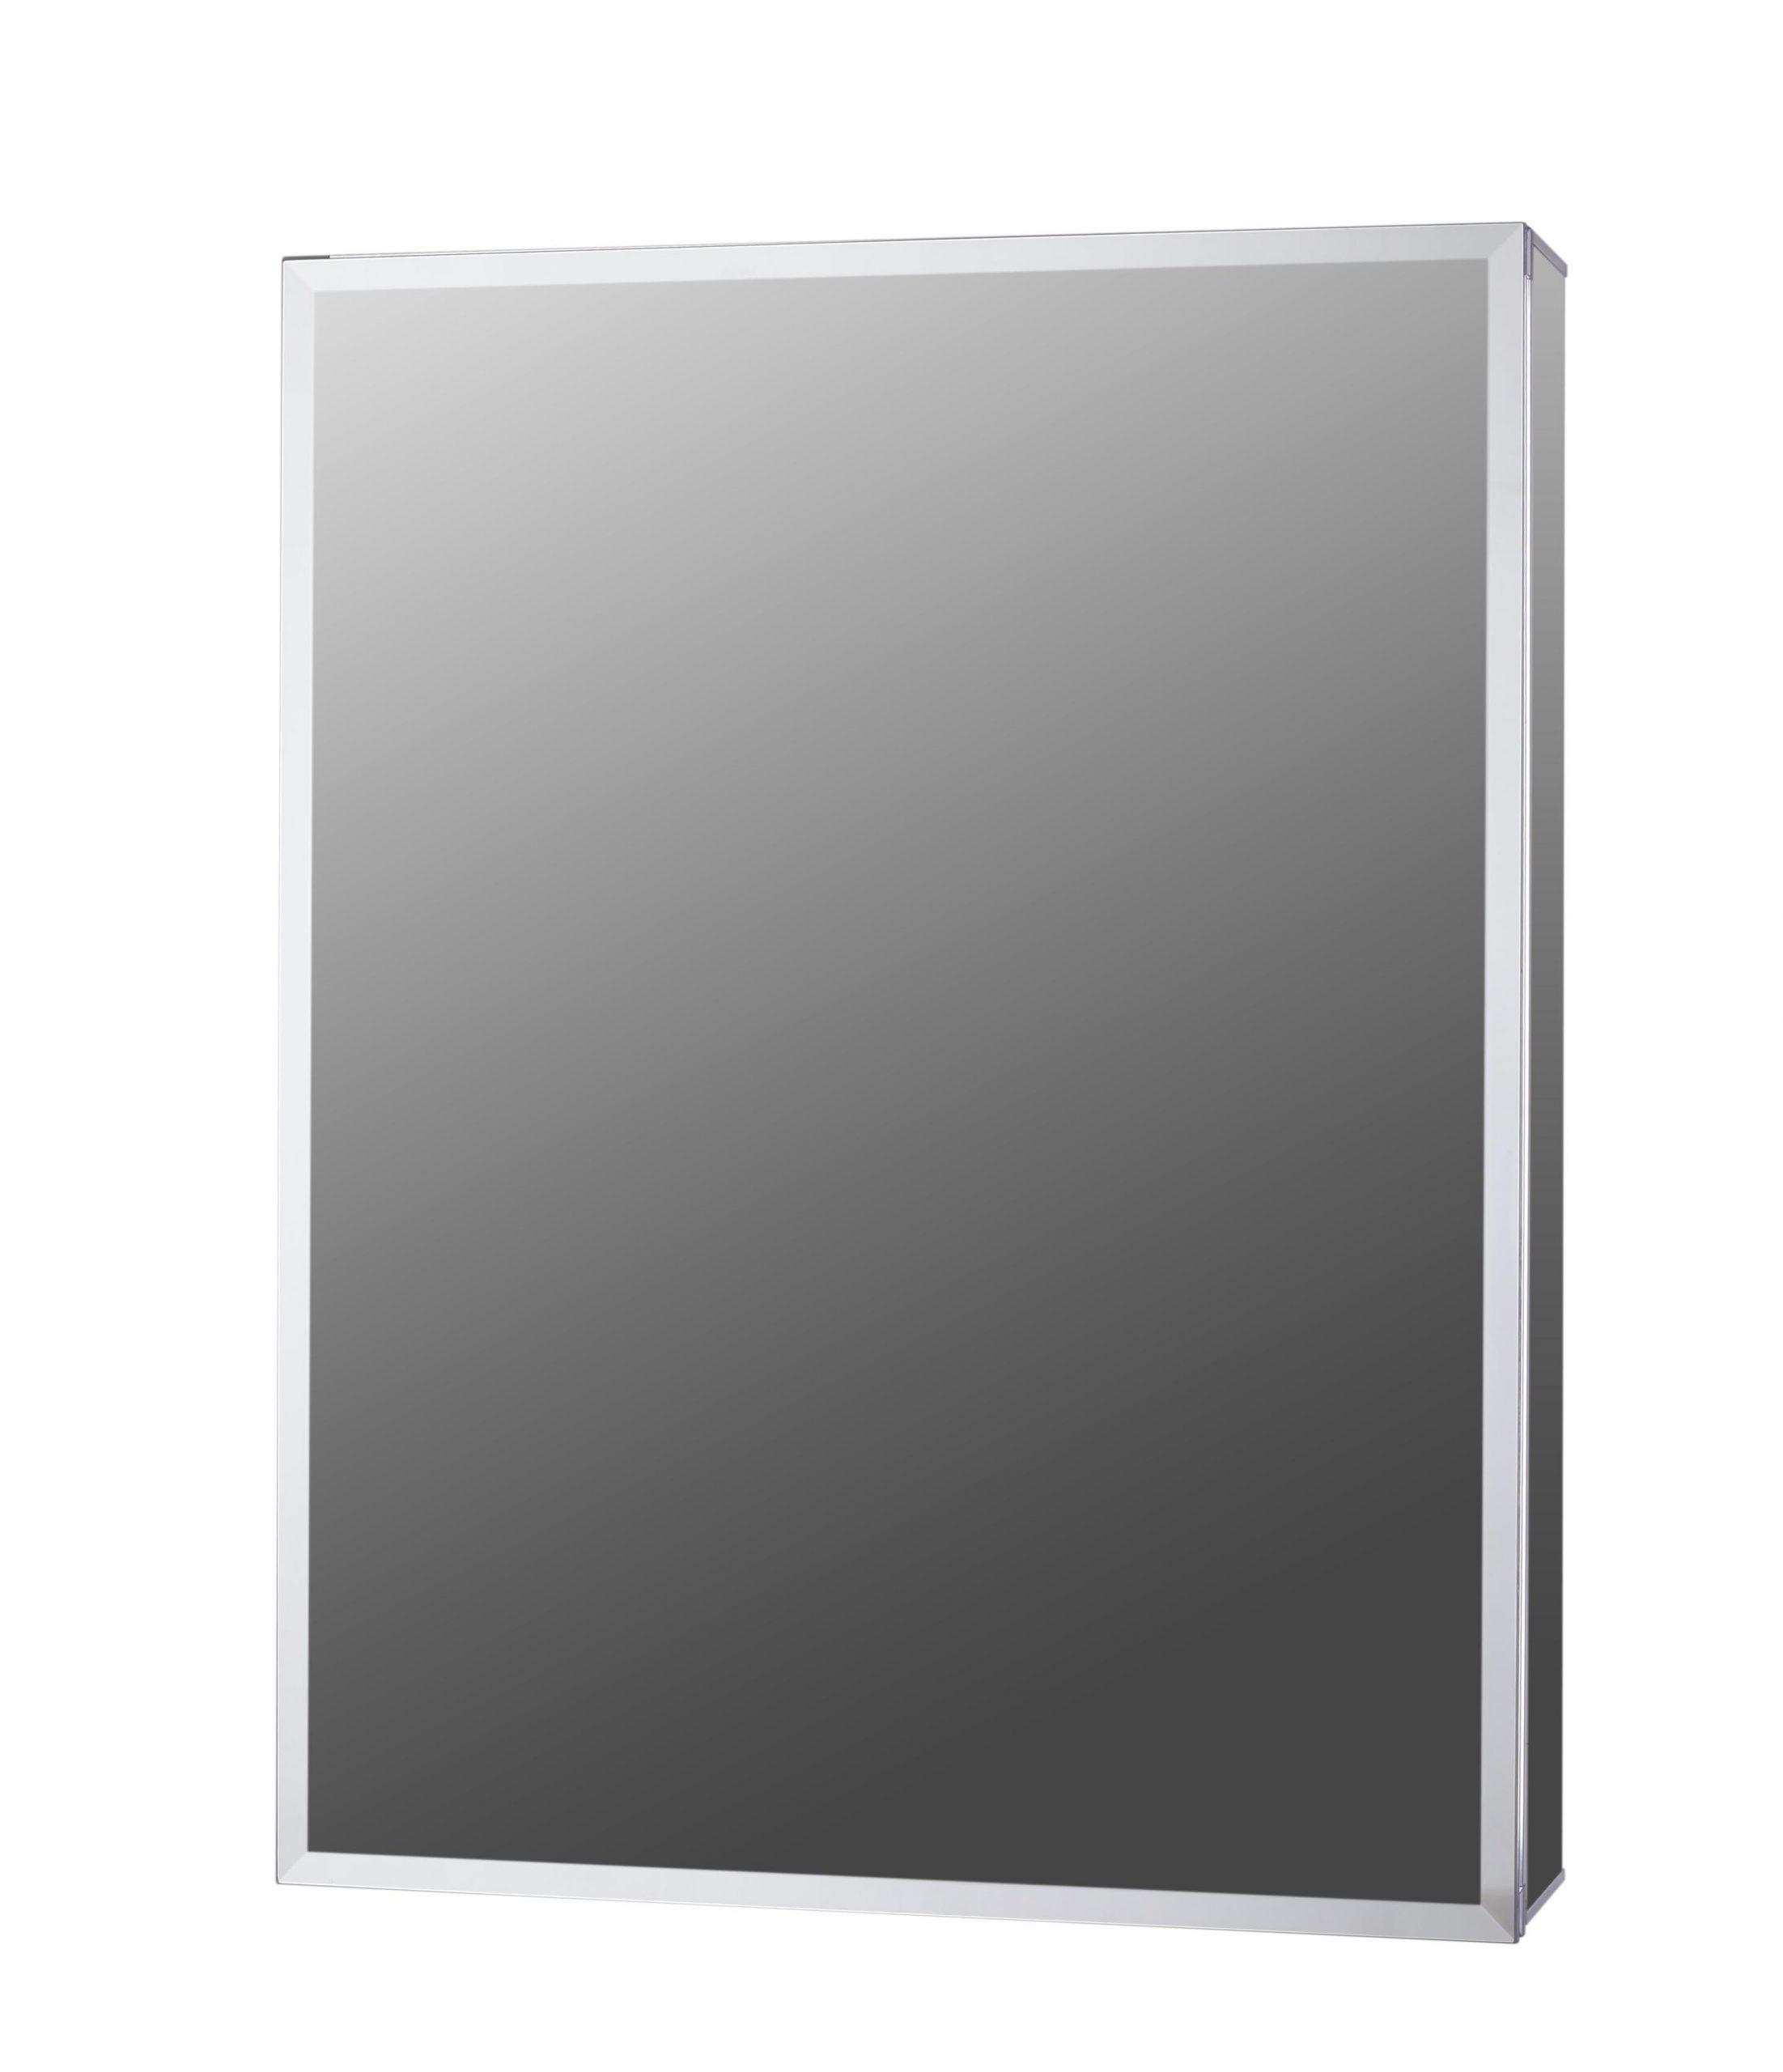 Walrus 800800 單門鋁合金鏡箱 500x700x130mm